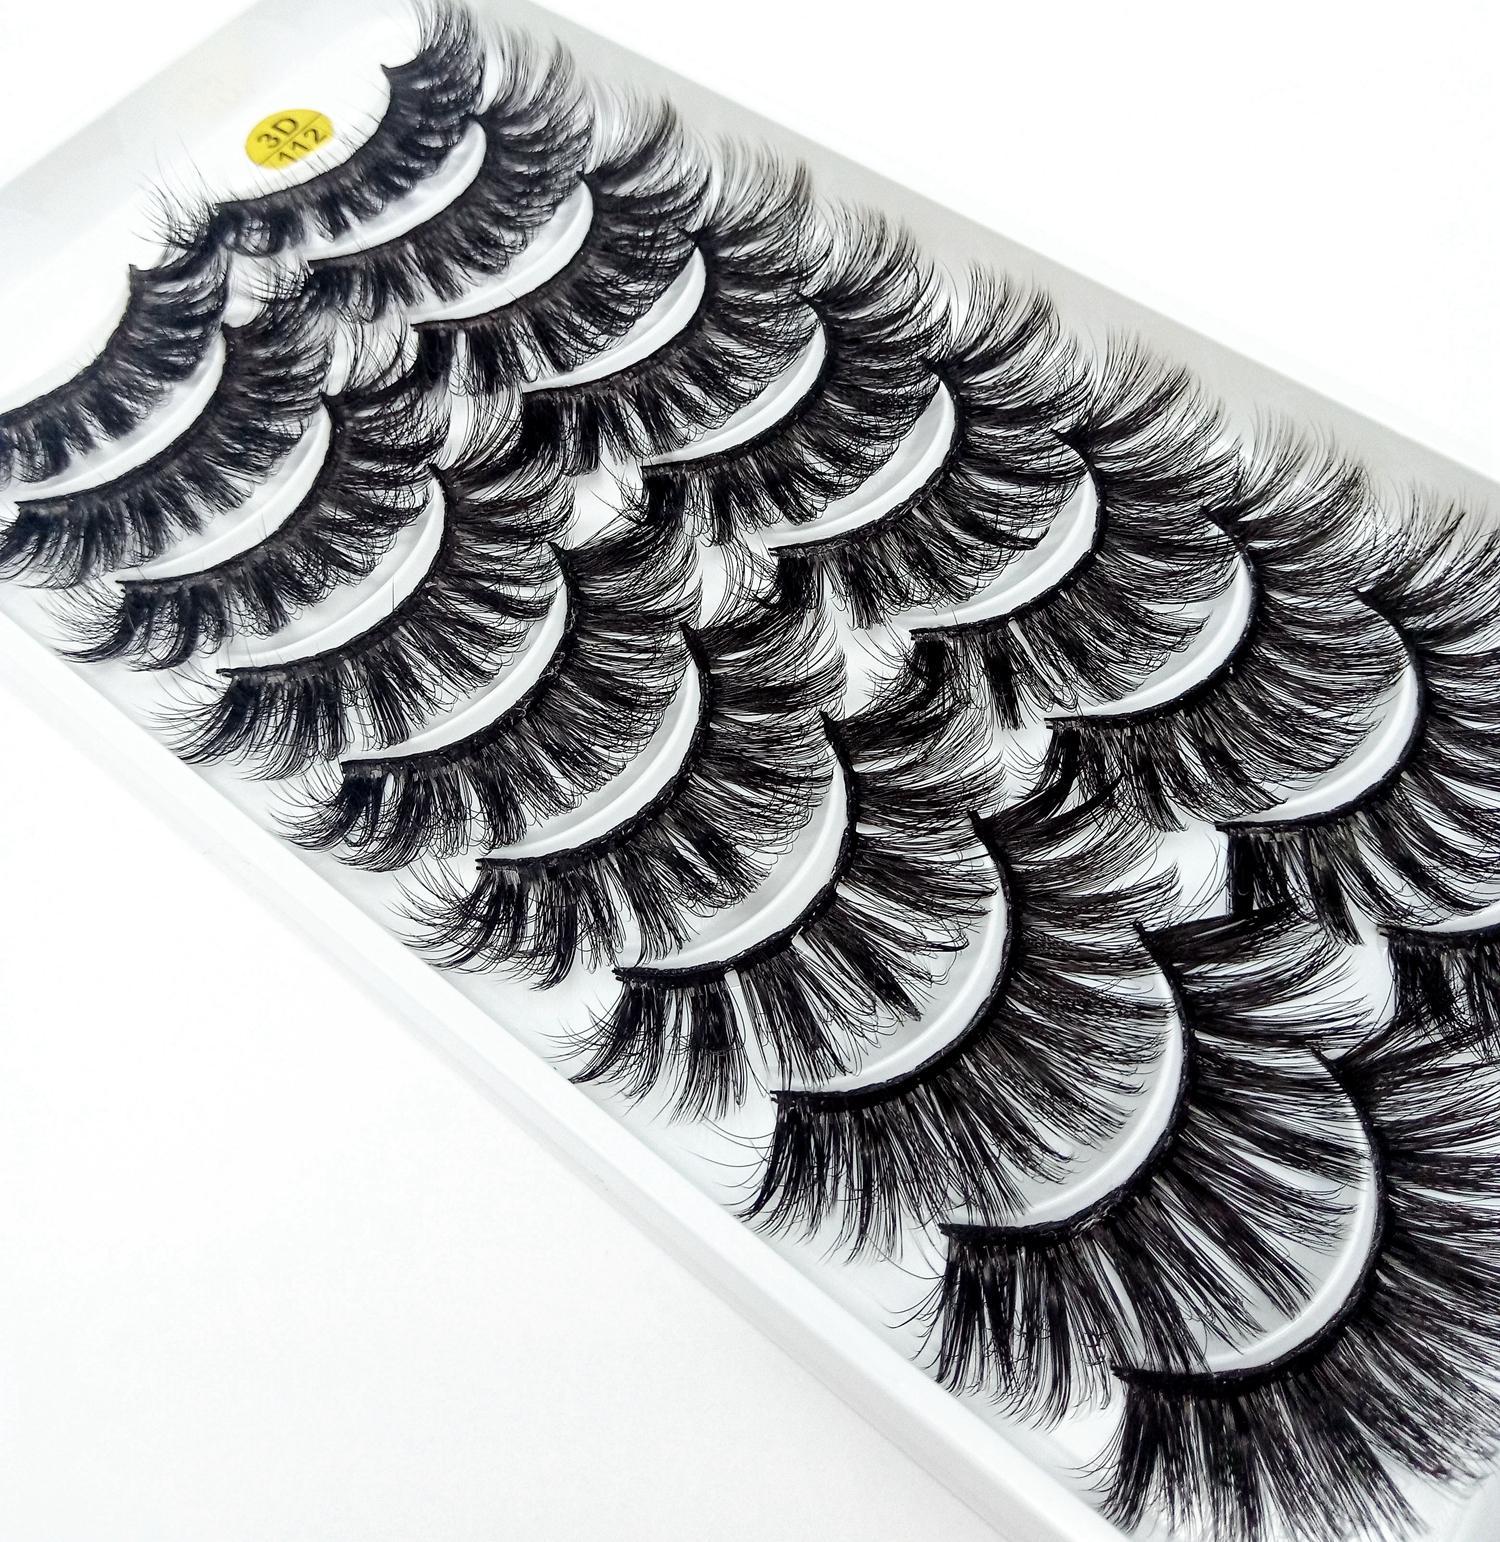 NUOVI 10 paia ciglia finte naturale falso lunghe ciglia trucco 3d ciglia finte visone estensione delle ciglia di visone per la bellezza 112